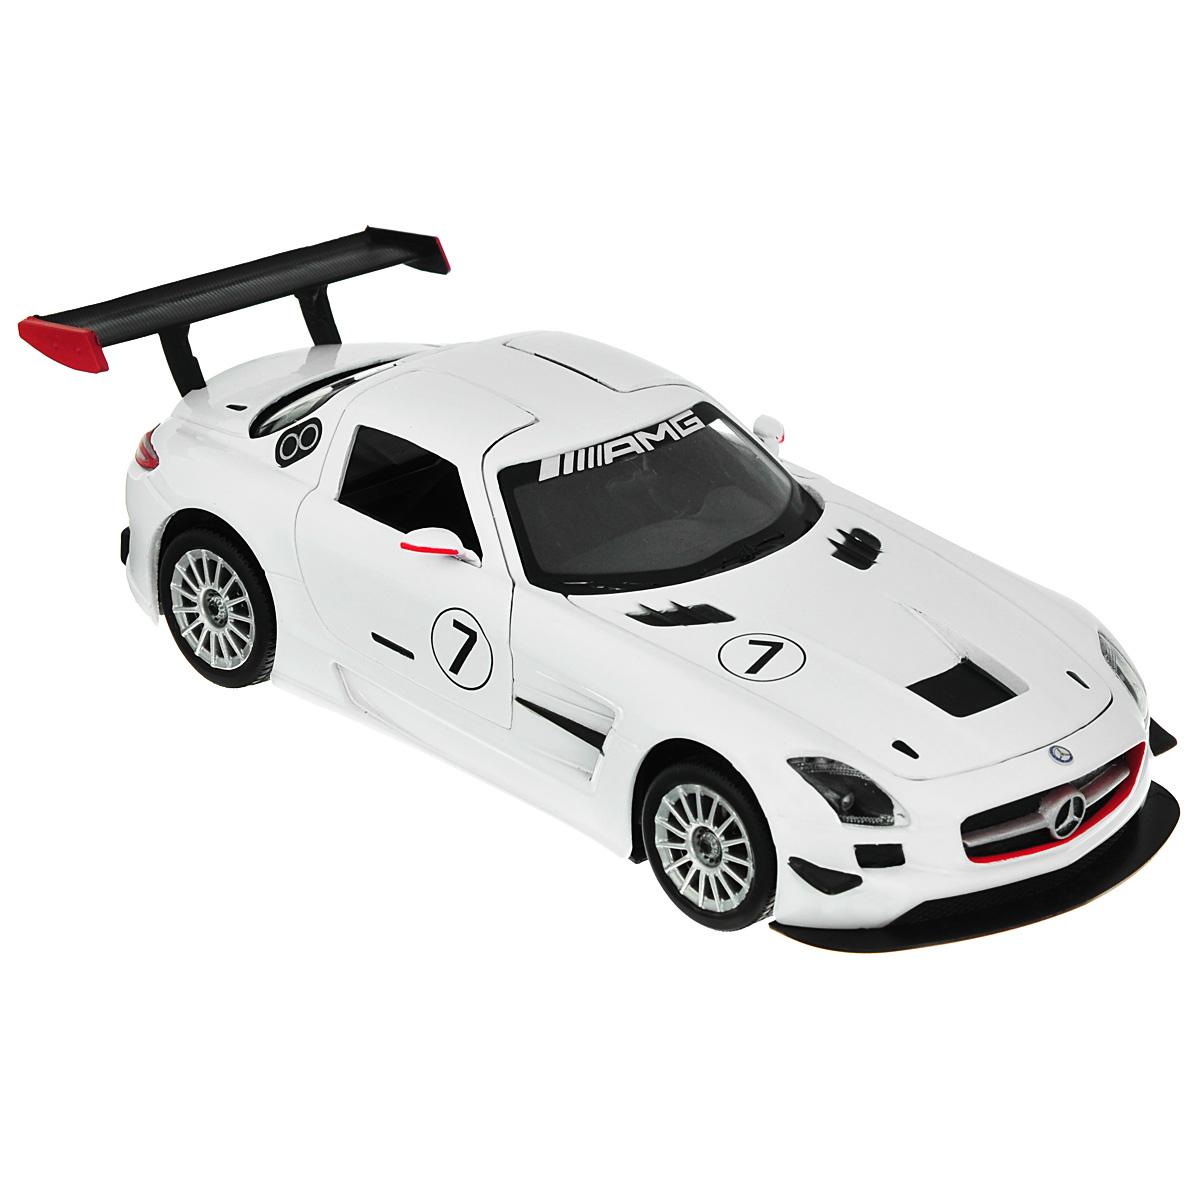 Коллекционная модель MotorMax GT Racing Mercedes-Benz SLS АMG GT3, цвет: белый. Масштаб 1/24 mercedes а 160 с пробегом